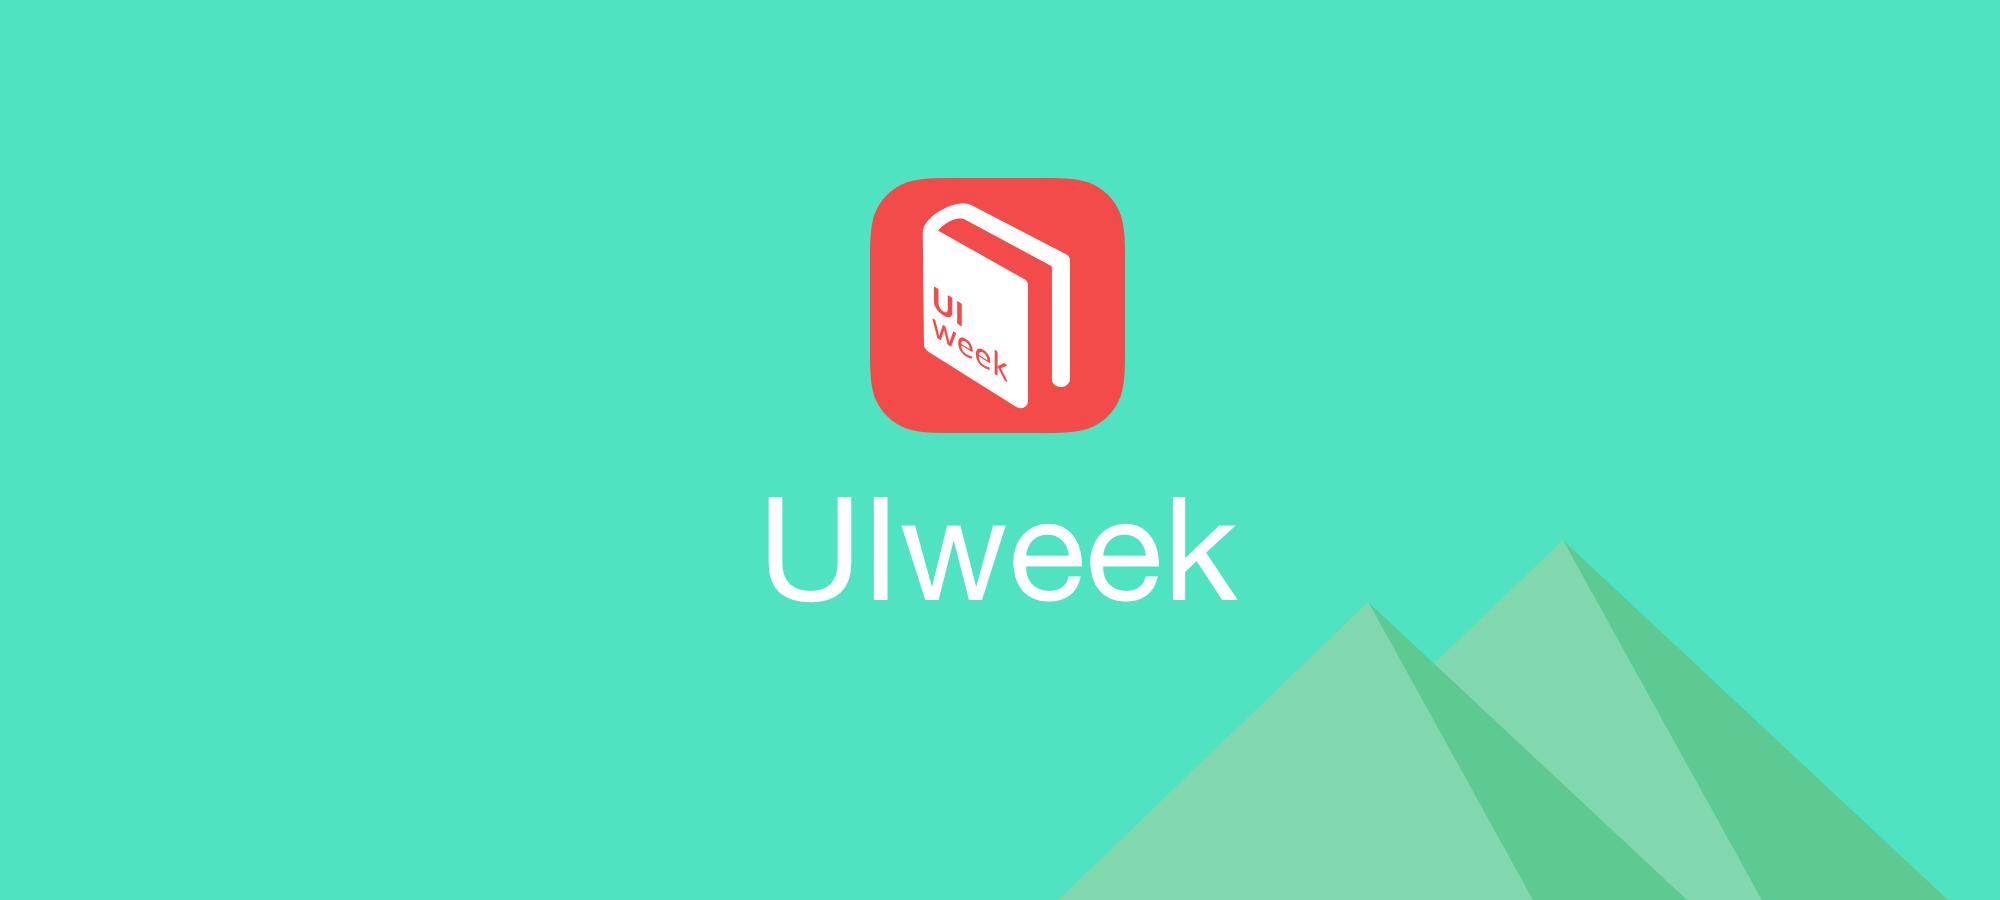 uiweek-banner